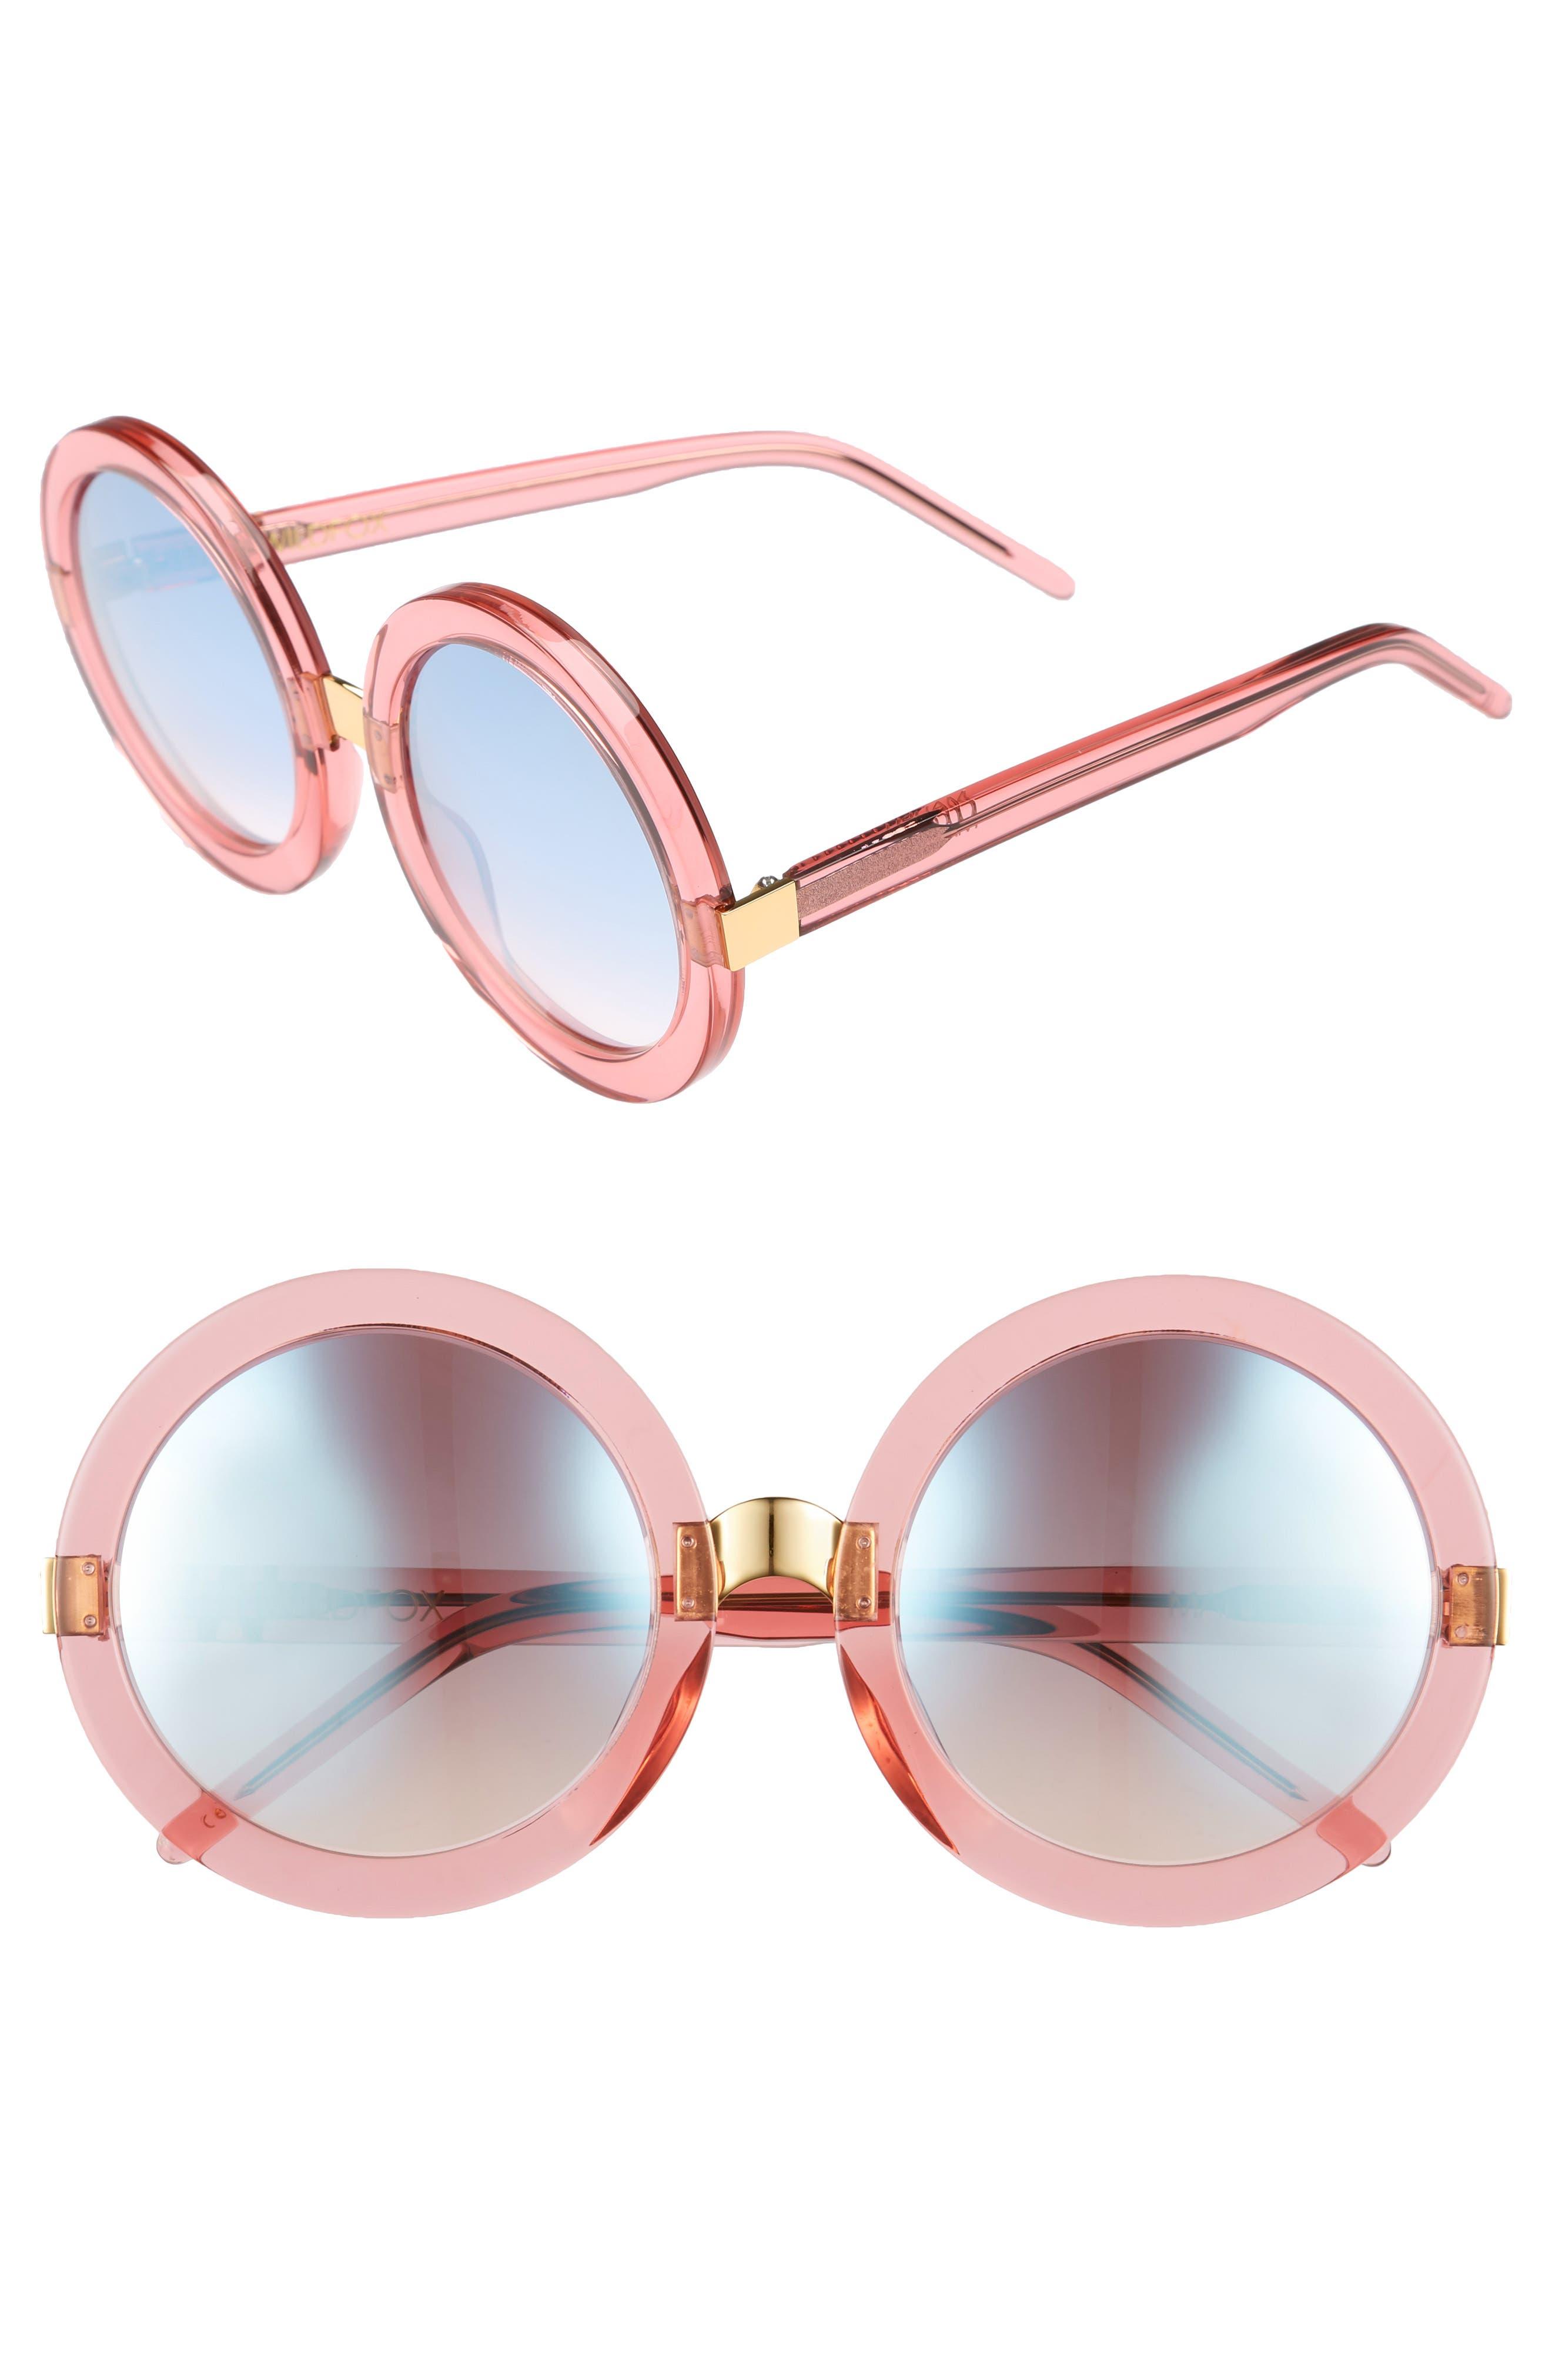 WILDFOX 'Malibu Deluxe' 55mm Retro Sunglasses, Main, color, 690